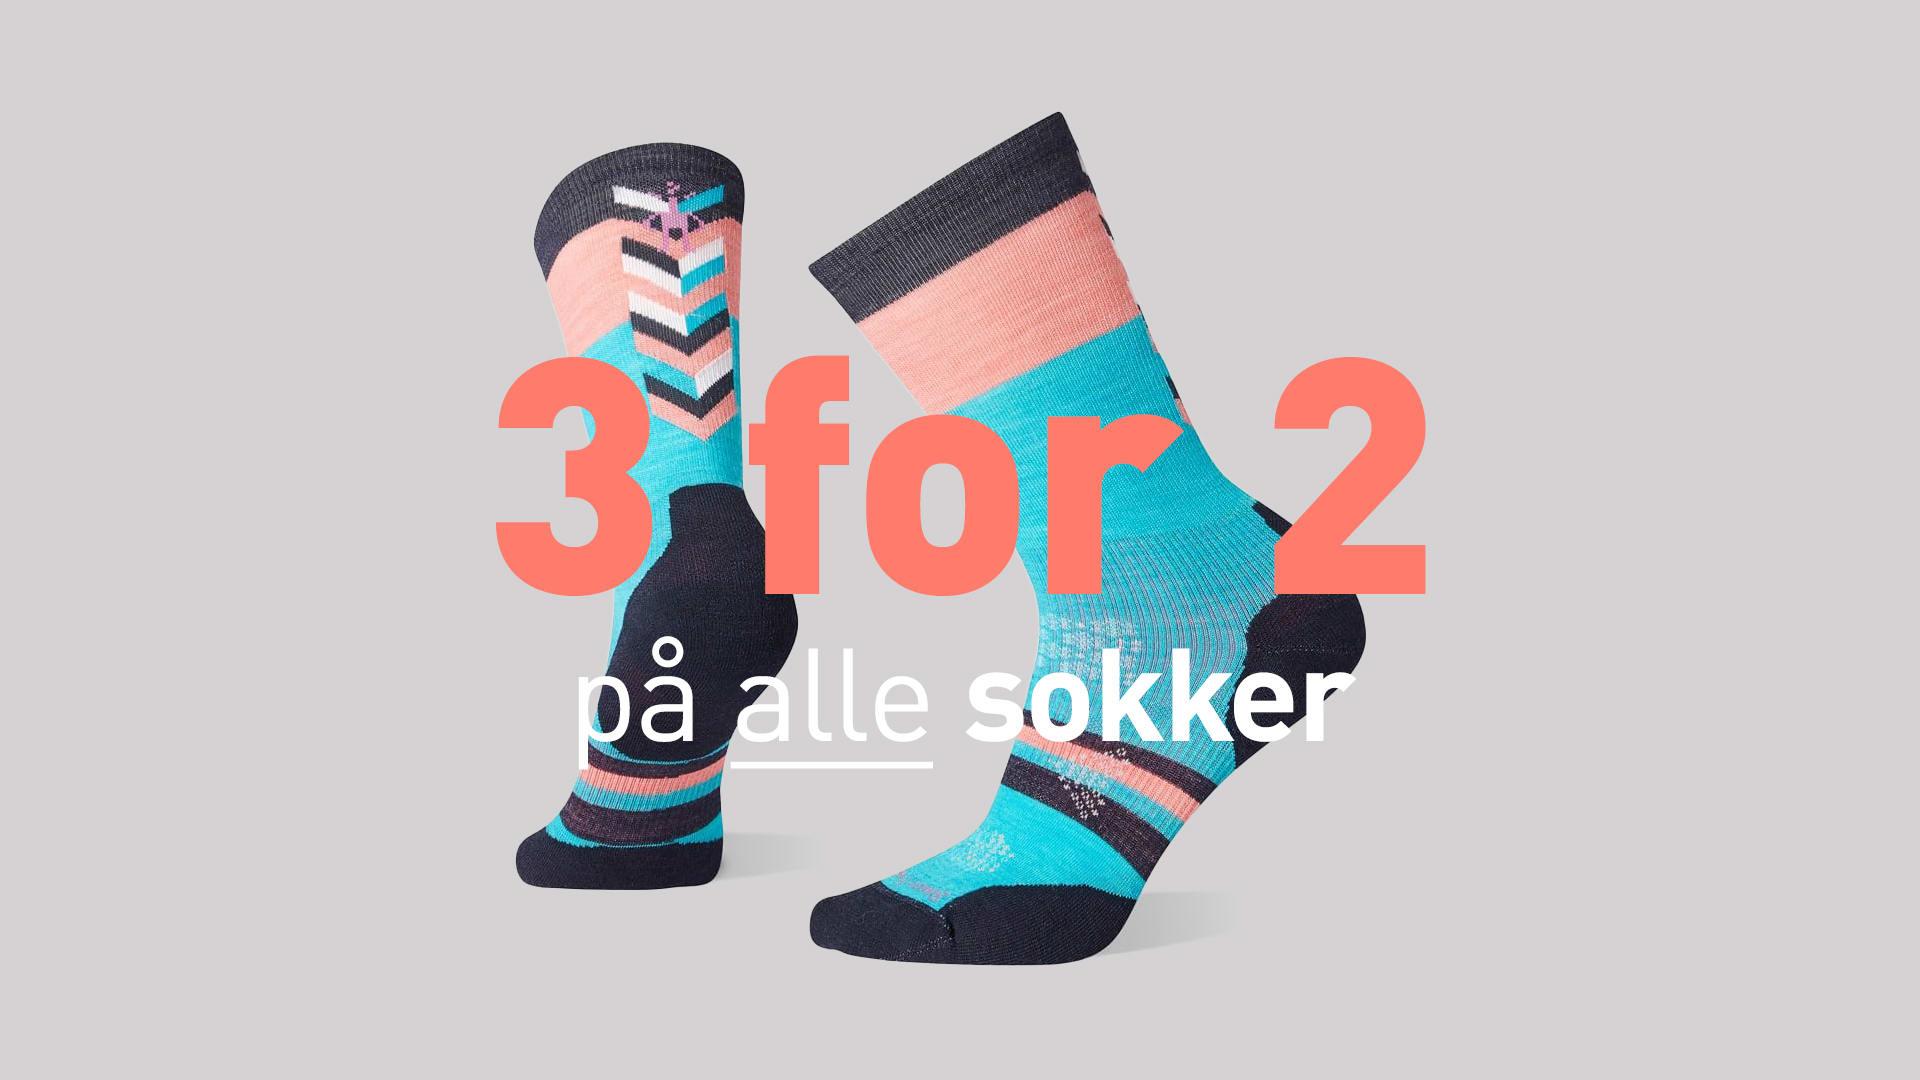 Sokker 3 for 2